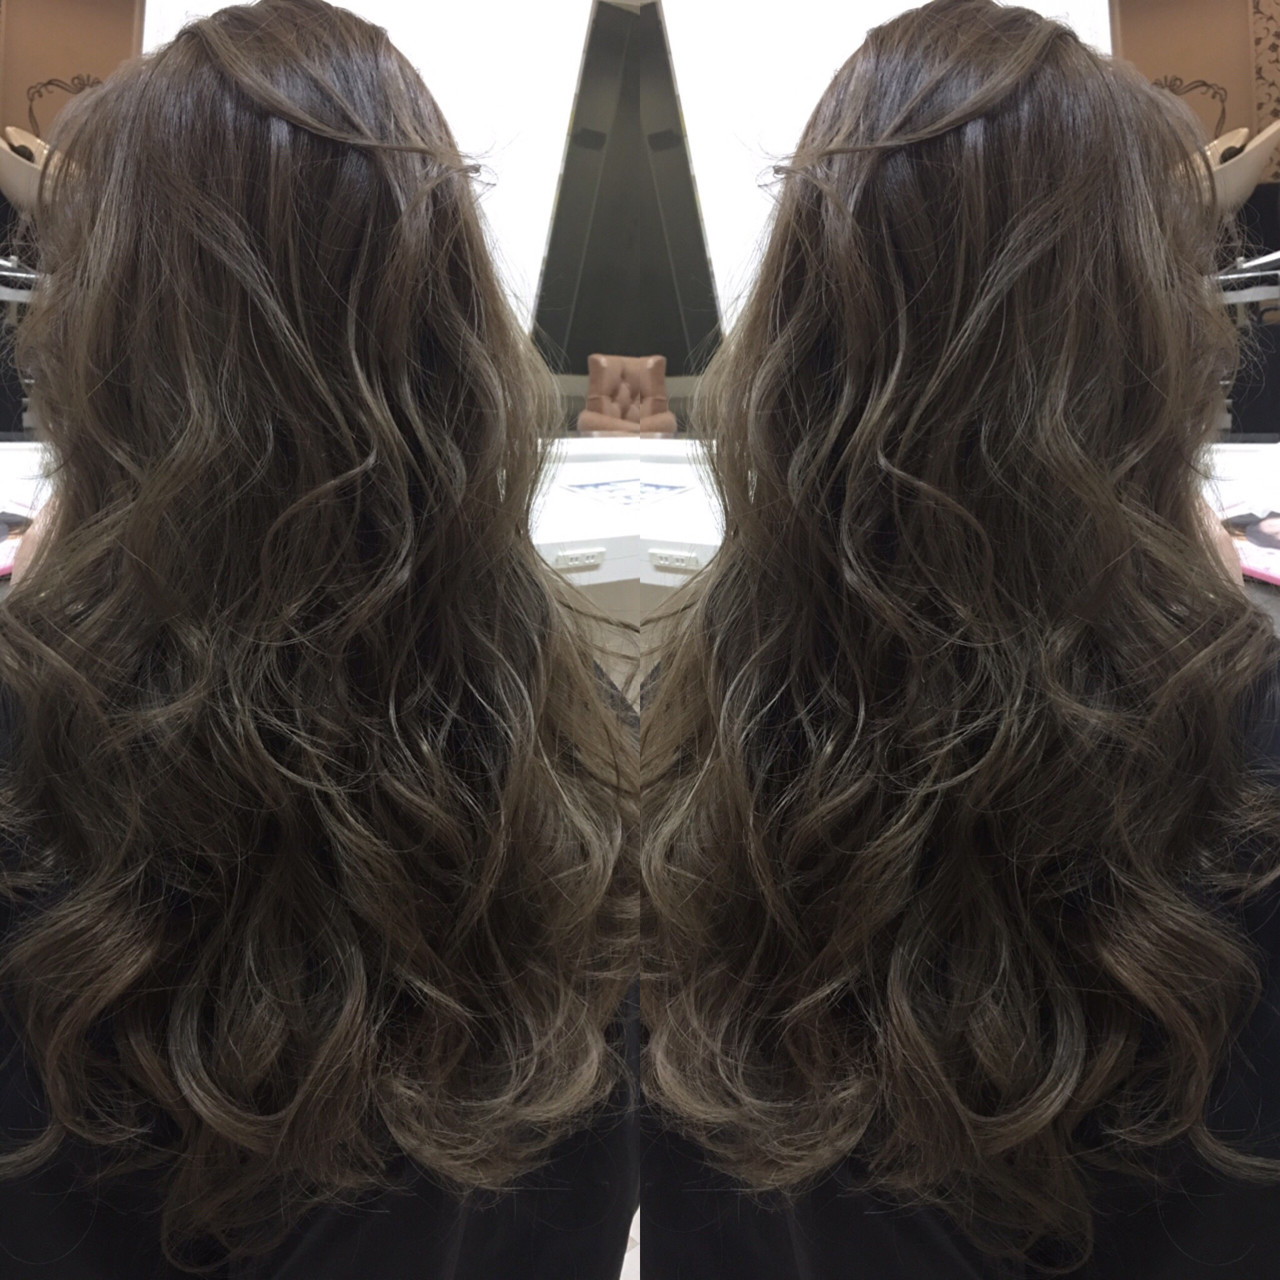 アッシュ 暗髪 ハイライト グラデーションカラー ヘアスタイルや髪型の写真・画像 | 井上一平 / Blue Hair LAU 心斎橋